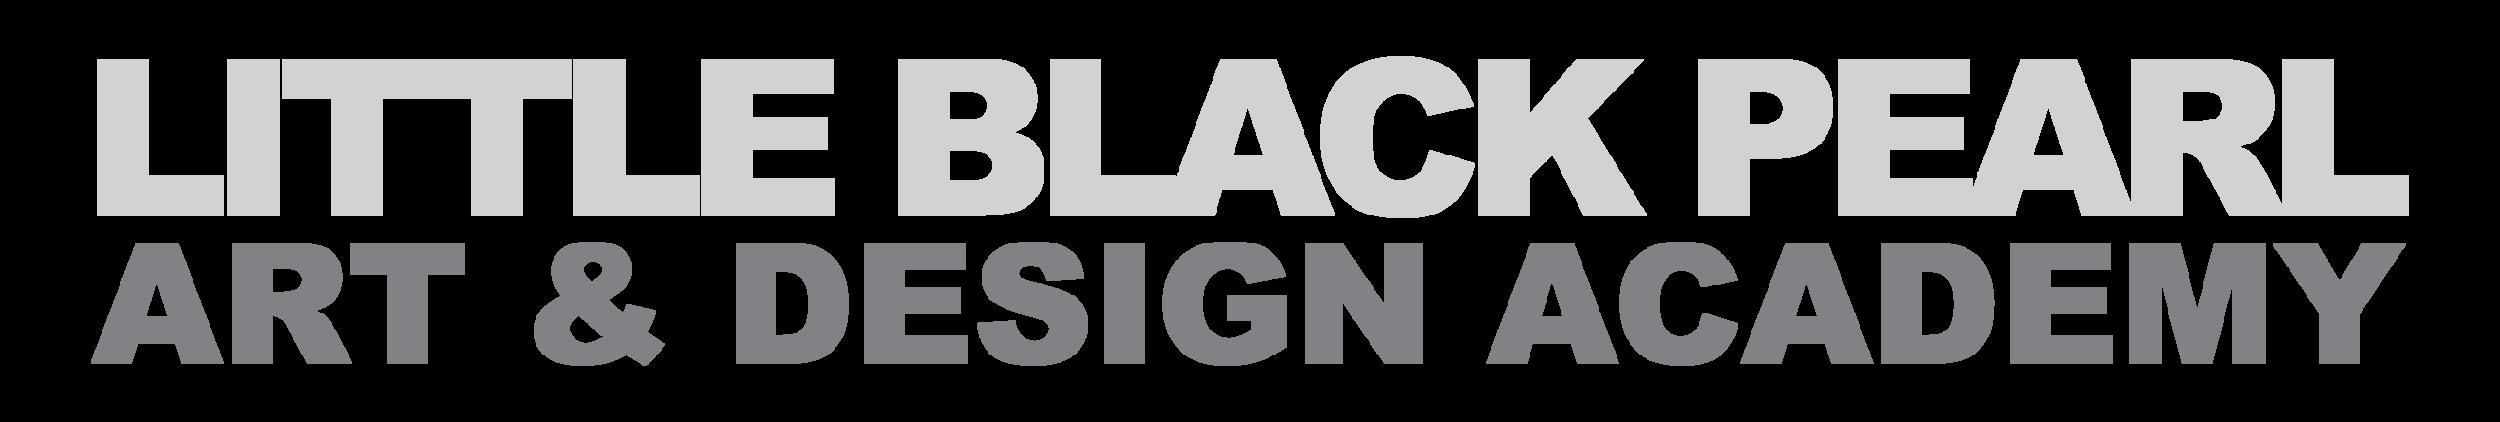 LBPA title logo-01.png